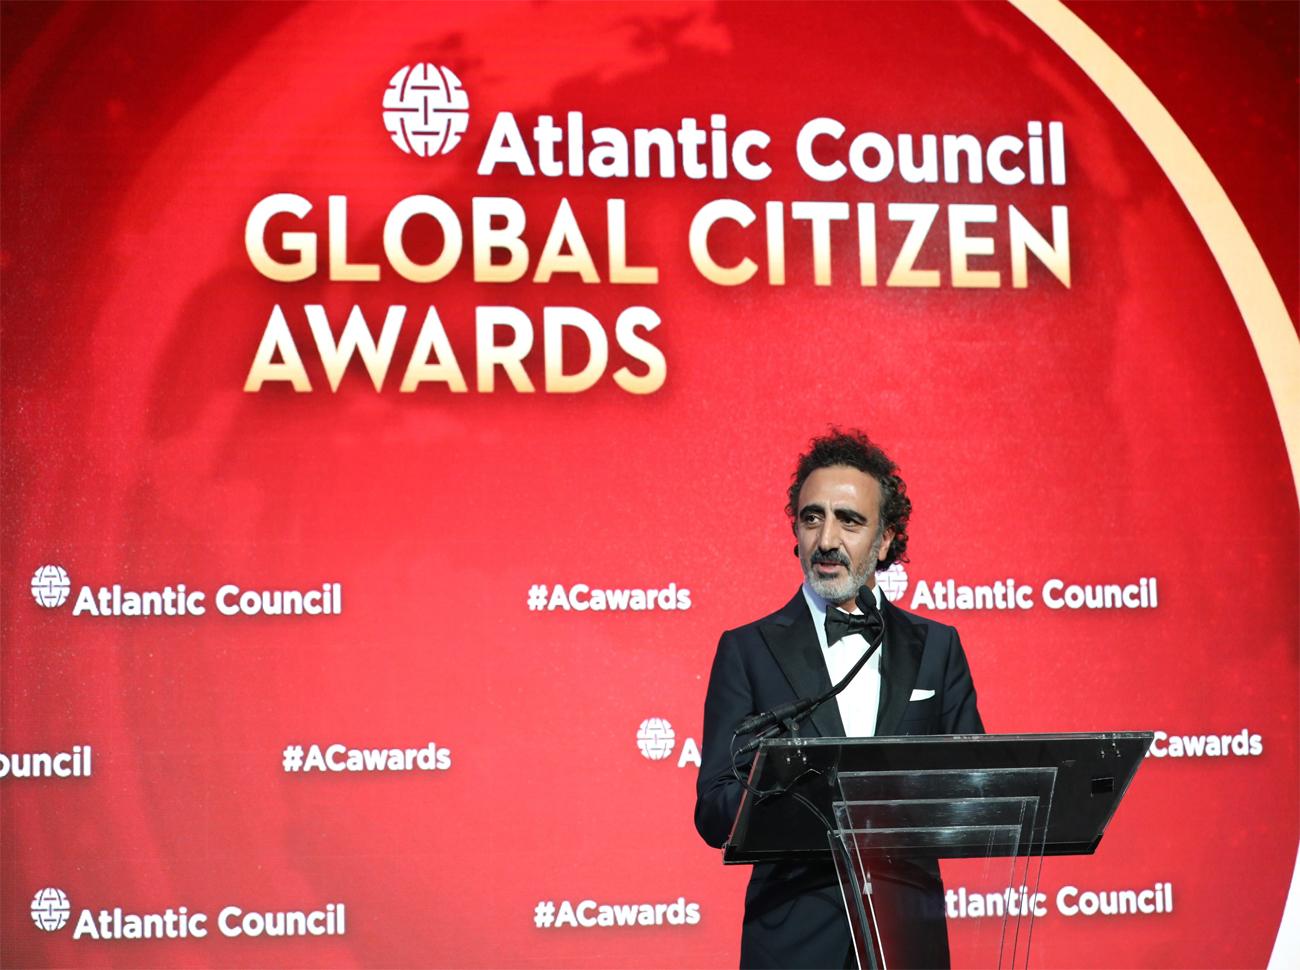 Küresel Vatandaşlık Ödülü Hamdi Ulukaya'nın